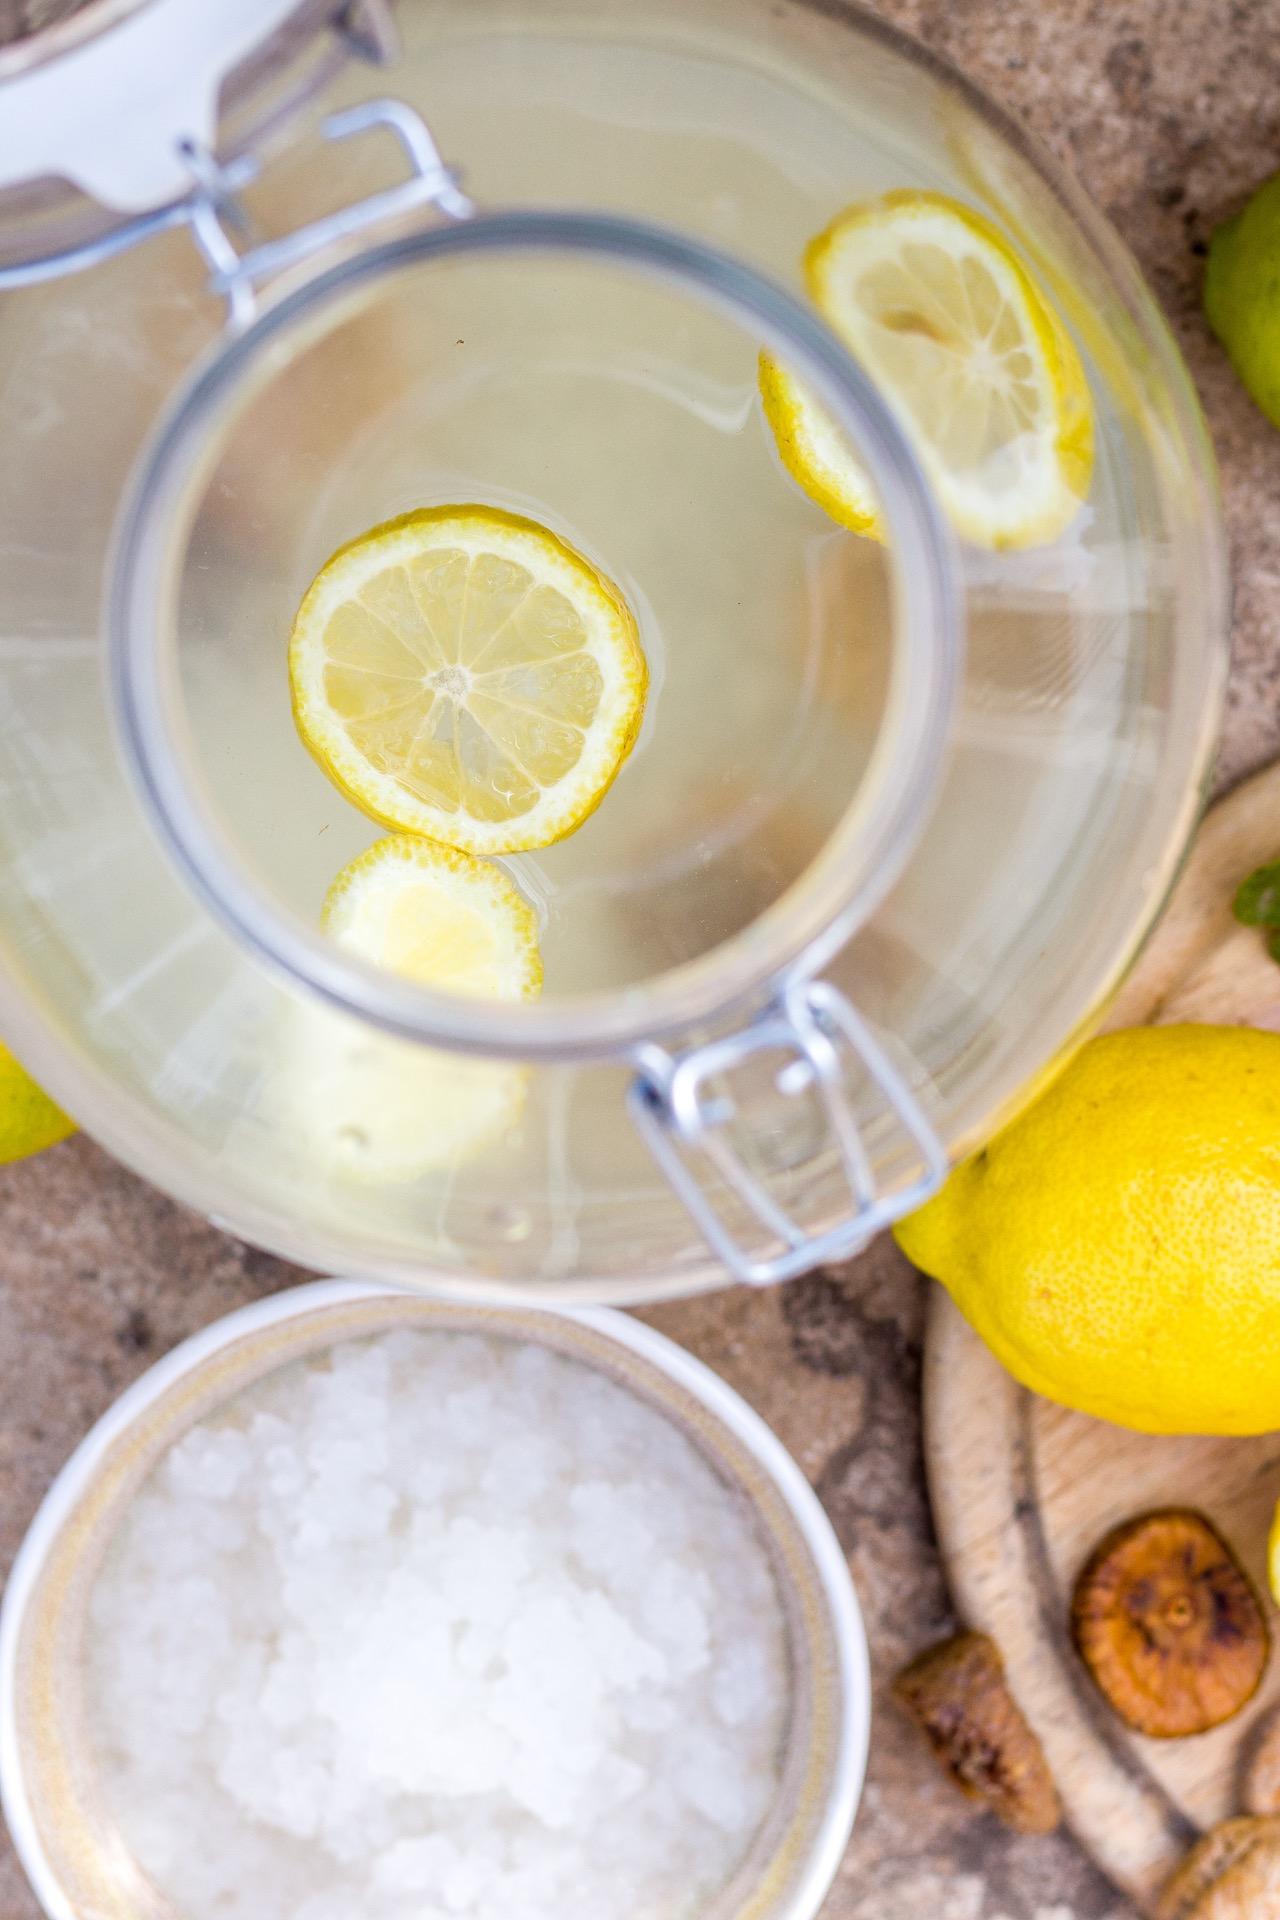 Wasserkefir selbst herstellen - so geht's! #kefir #wasserkefir #fermente #getränke #sommerzeit